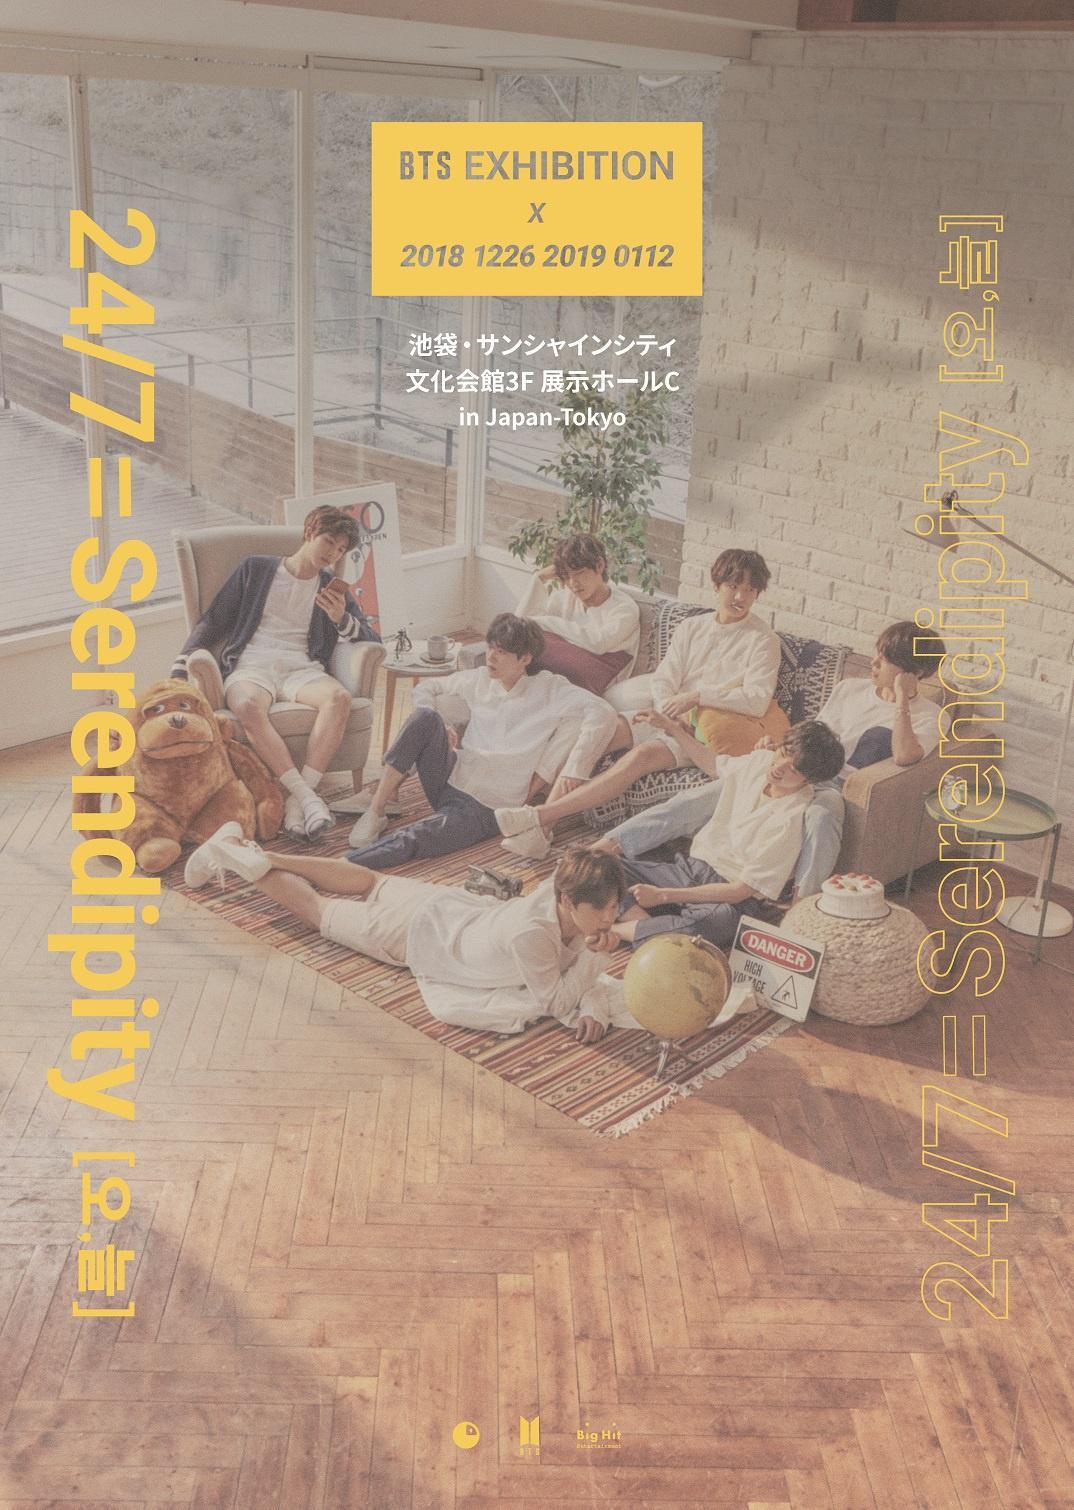 poster_BTS_EXH_JPN_20181030_